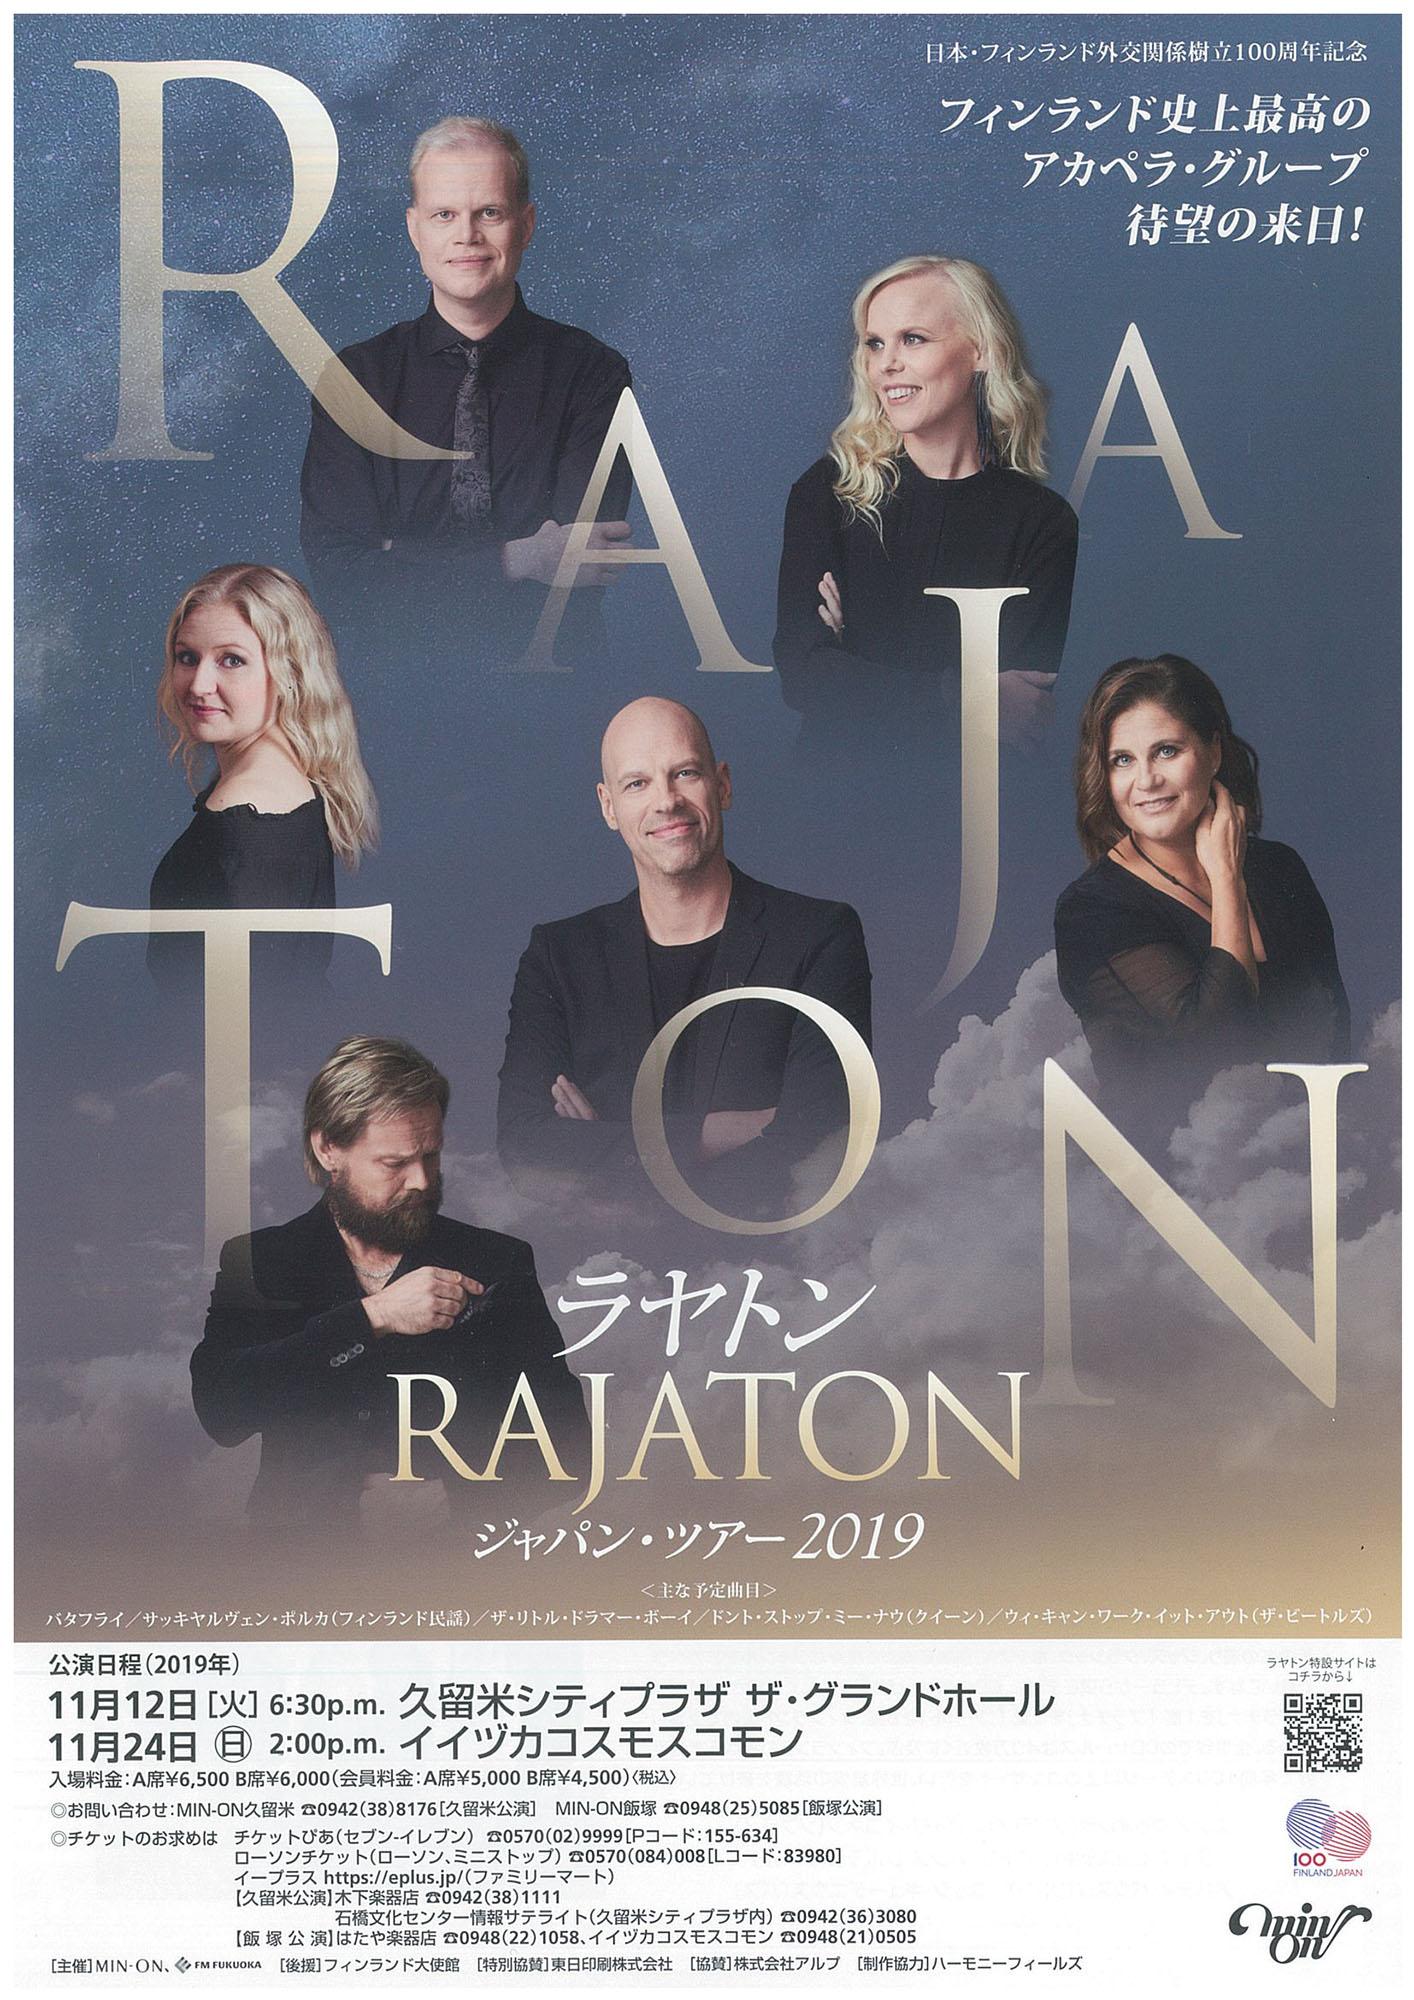 ラヤトン RAJATON ジャパンツアー2019